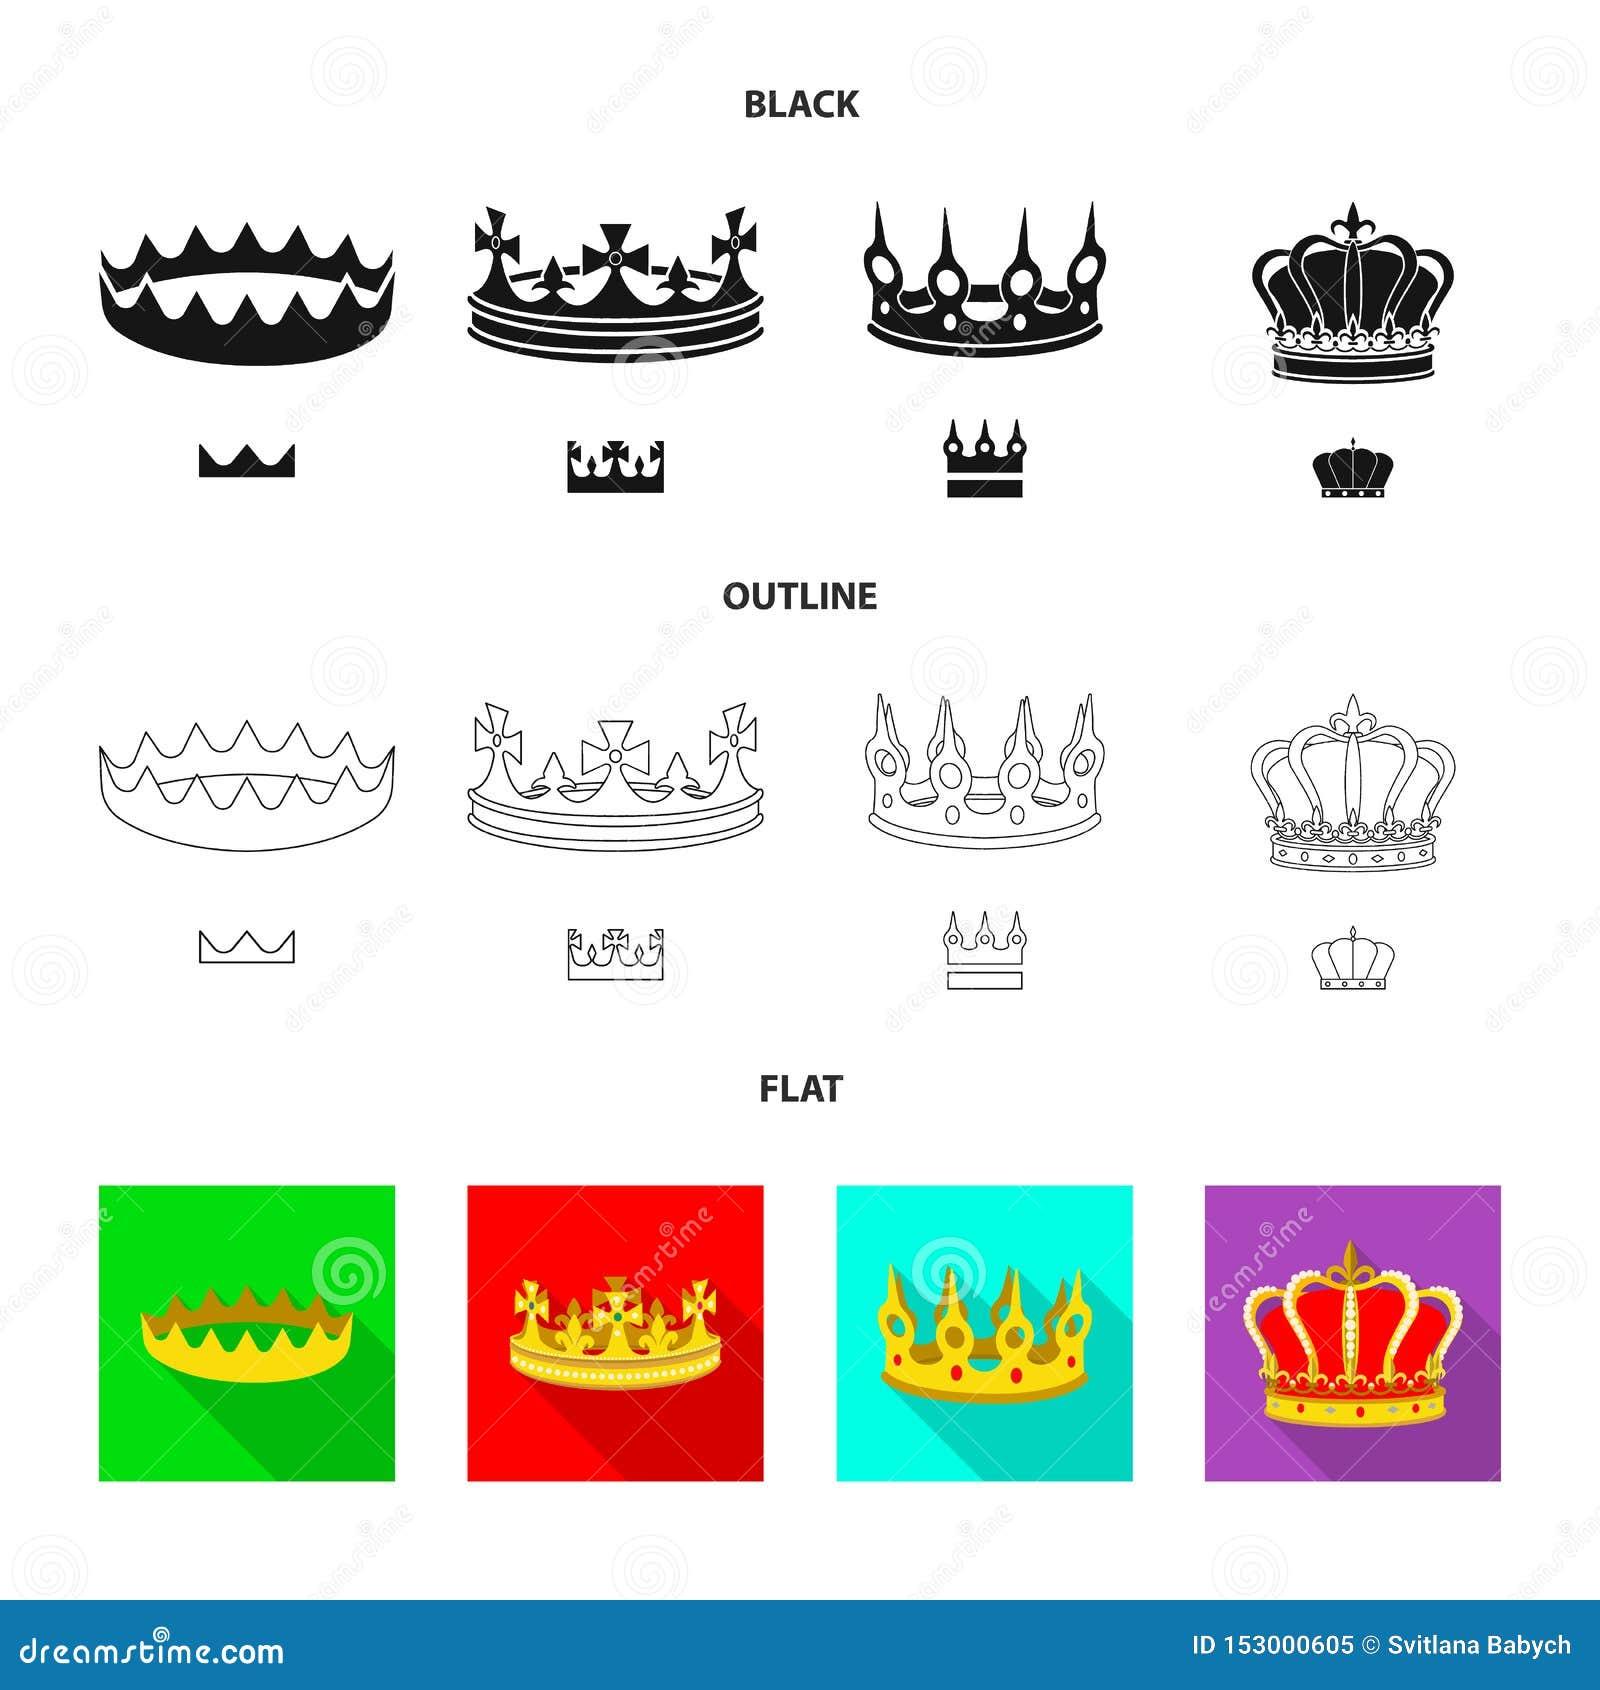 Objeto aislado de la muestra medieval y de la nobleza Colecci?n de ejemplo com?n medieval y de la monarqu?a del vector